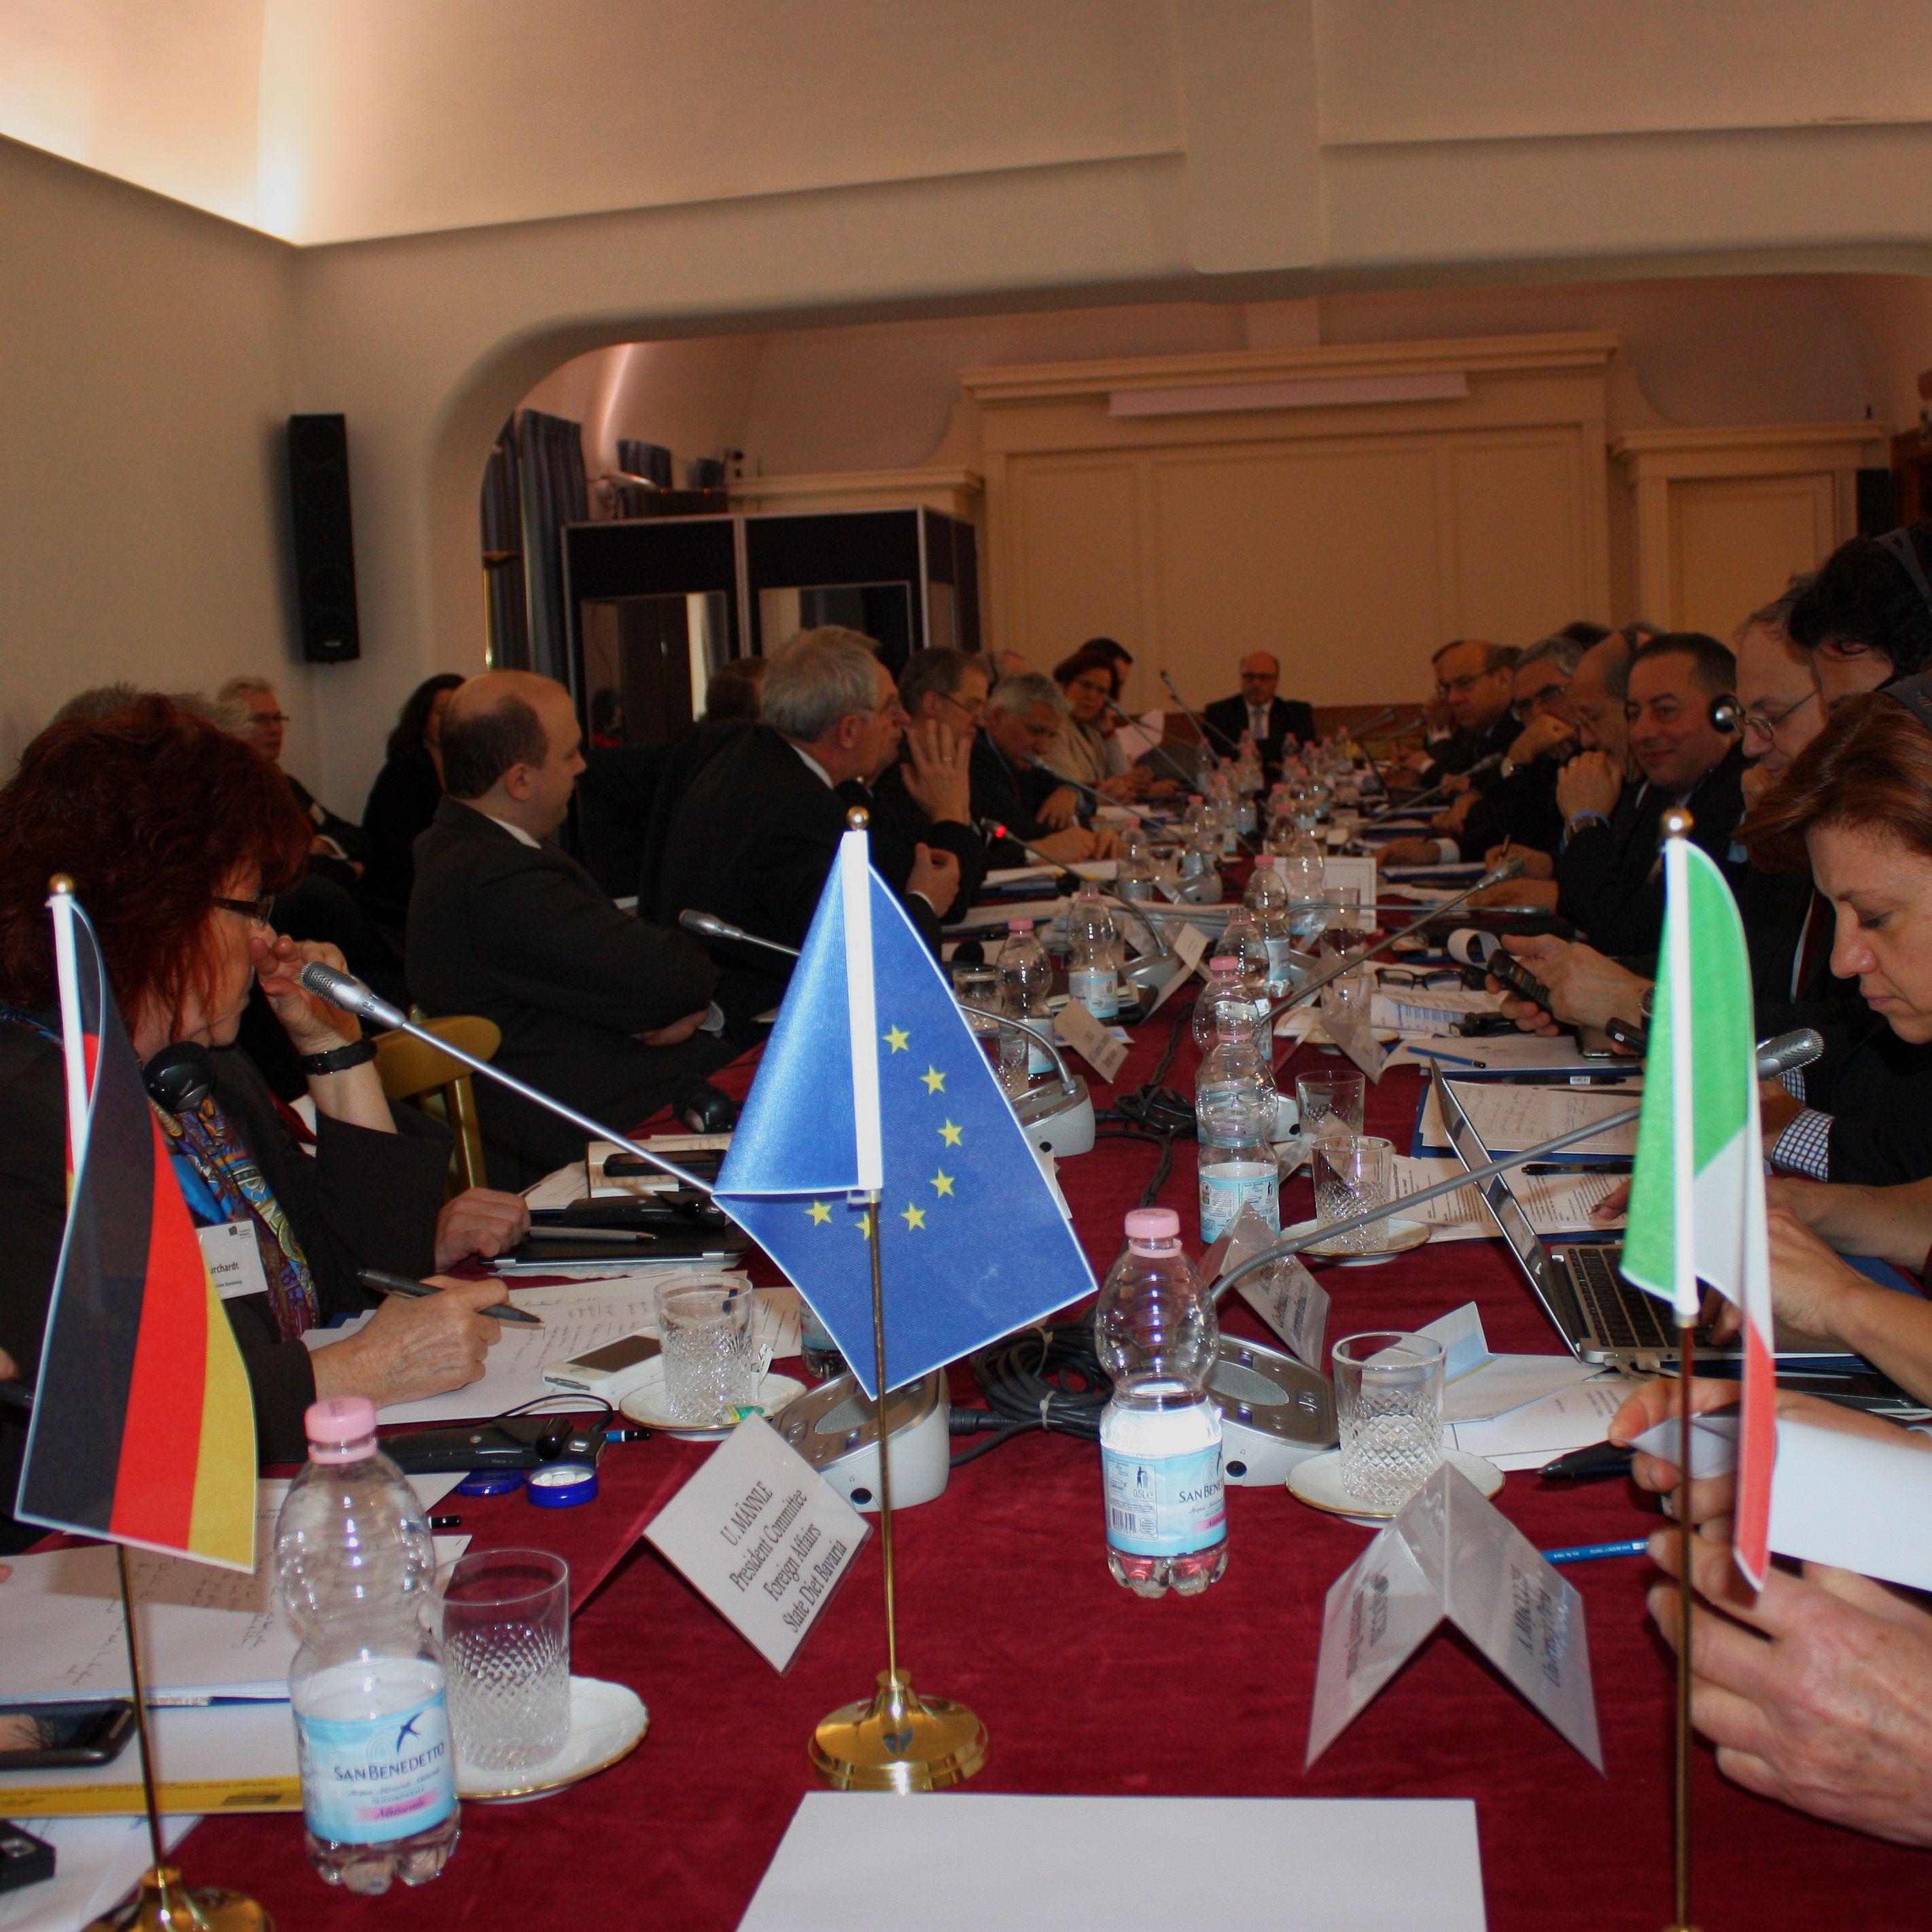 Demokratische Reformen für Europa: Deutsch-Italienischer Zukunftsdialog fordert EU-Konvent für eine Politische Union